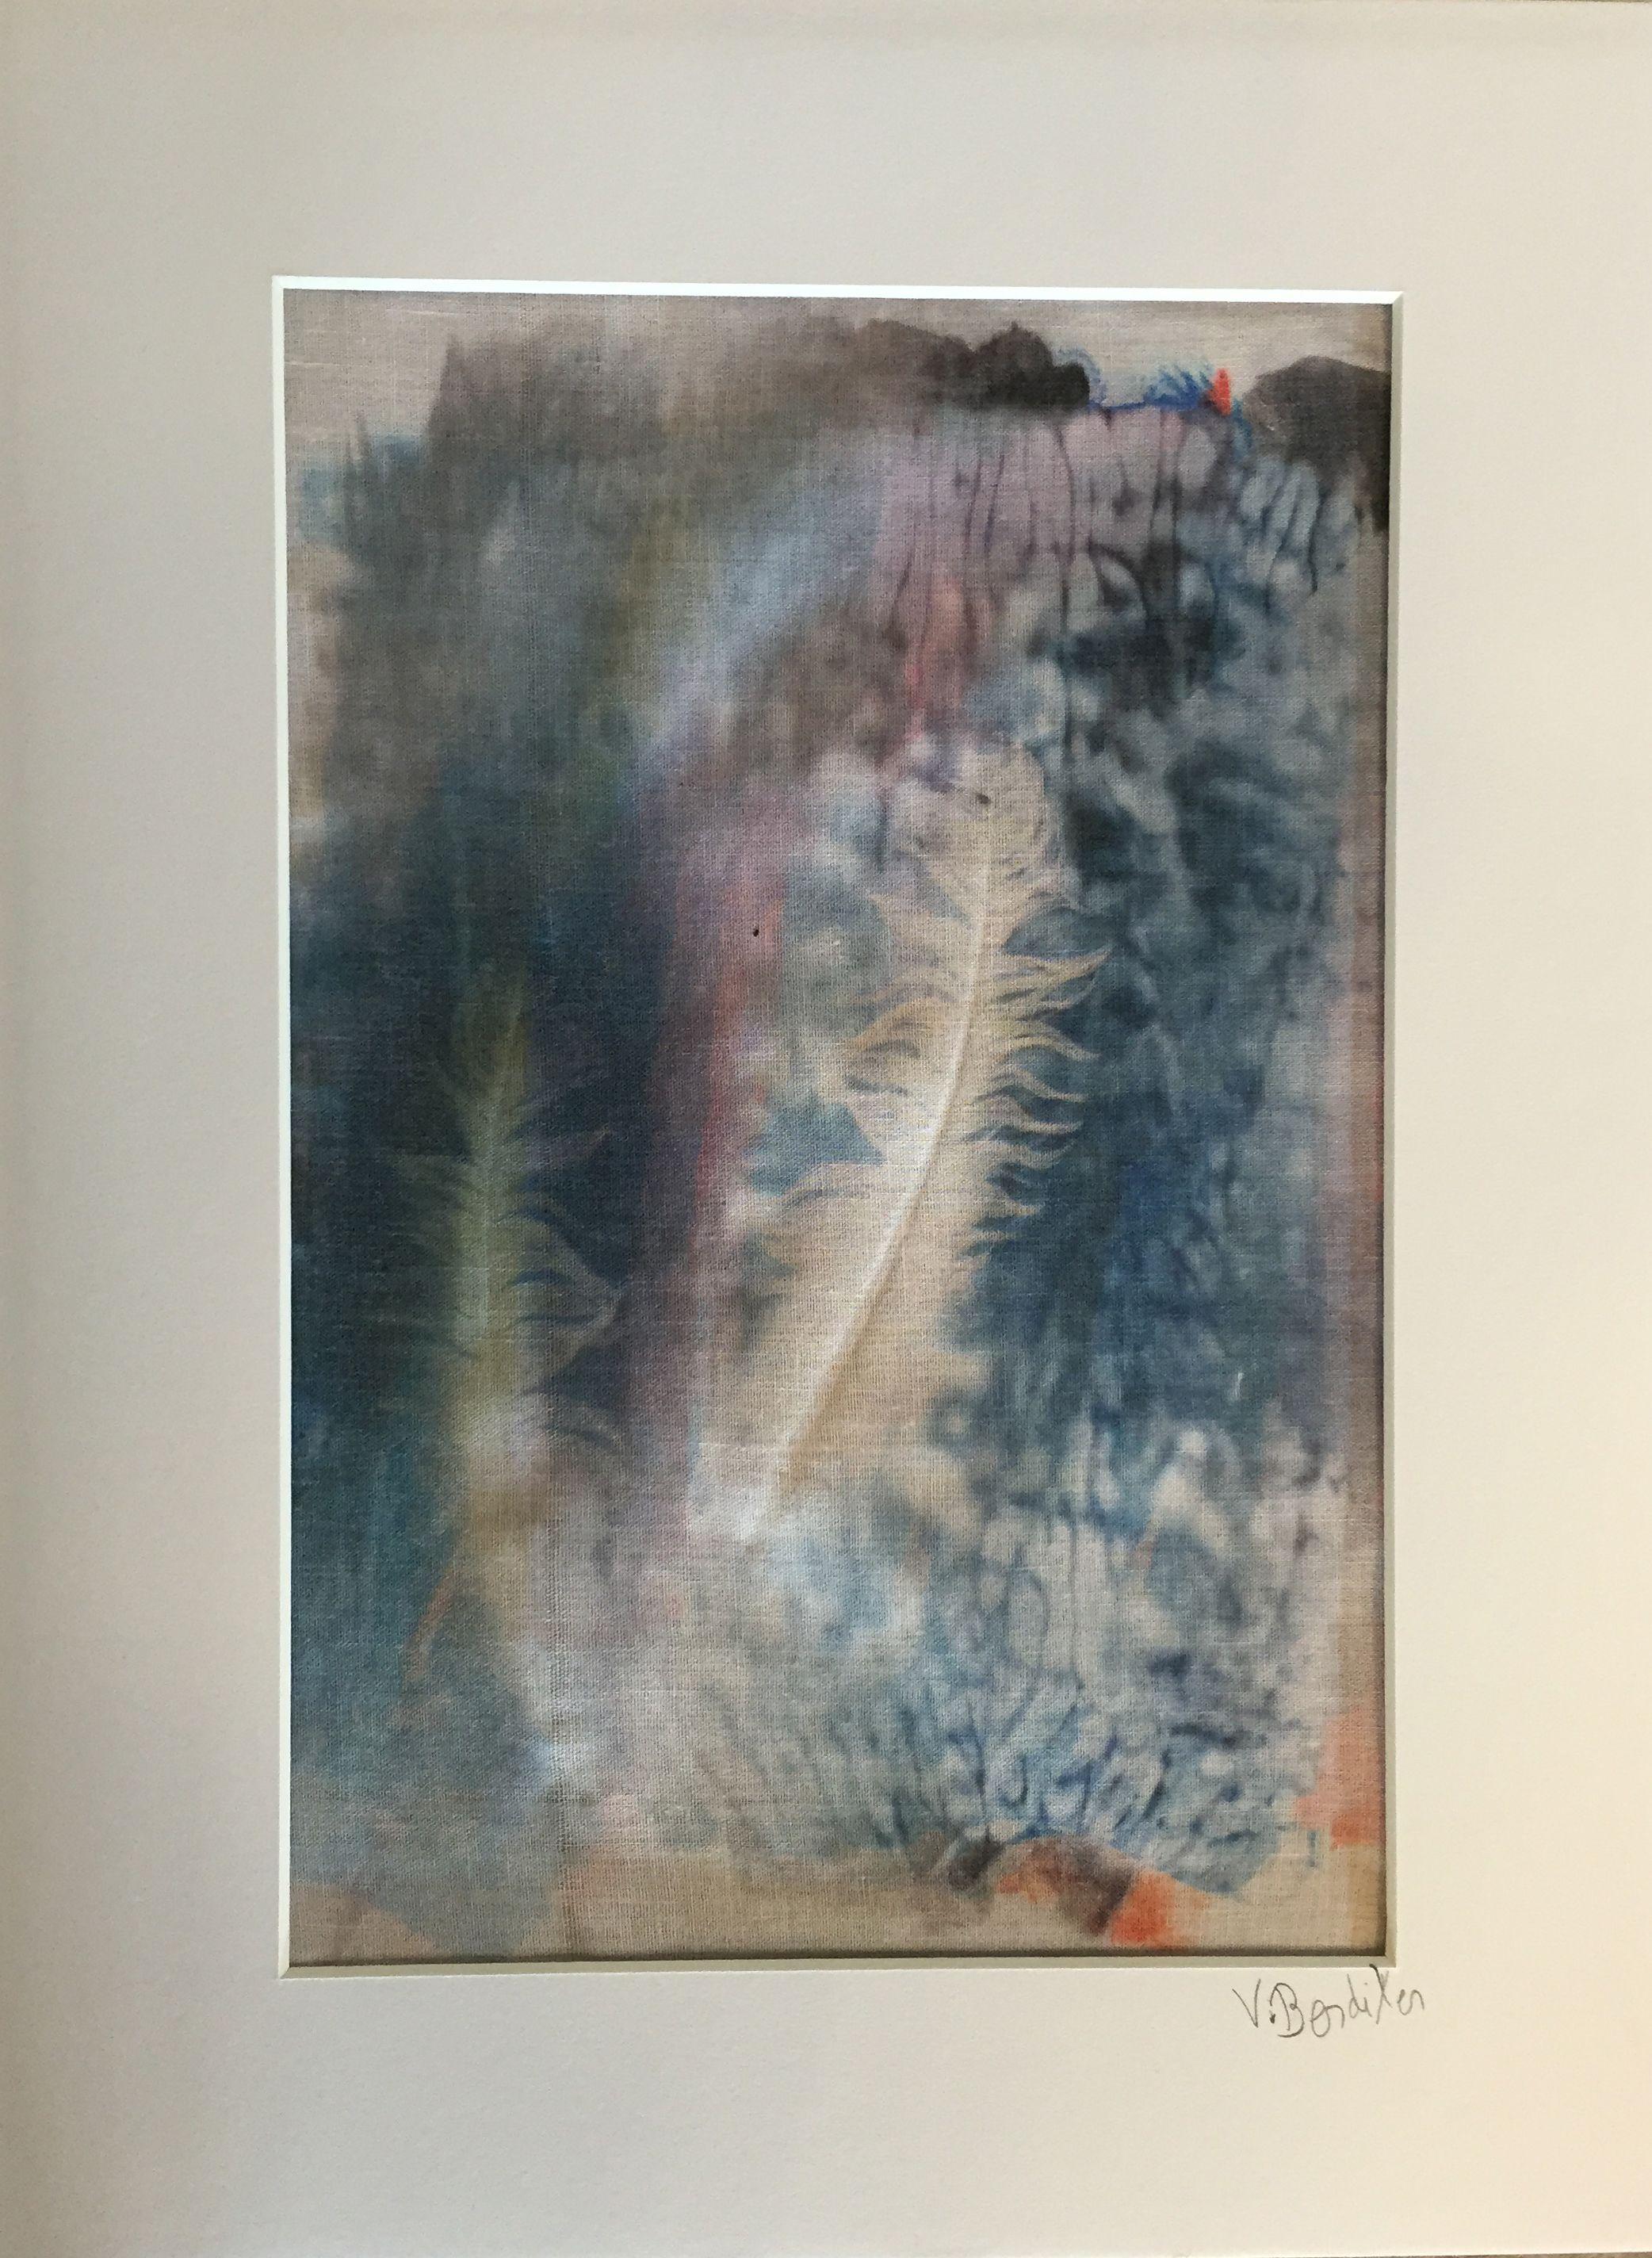 30x40cm Indrammes Efter Onske Vaelg Alu Eller Sort Glasramme Maling Kunst Ideer Kunst Maleri